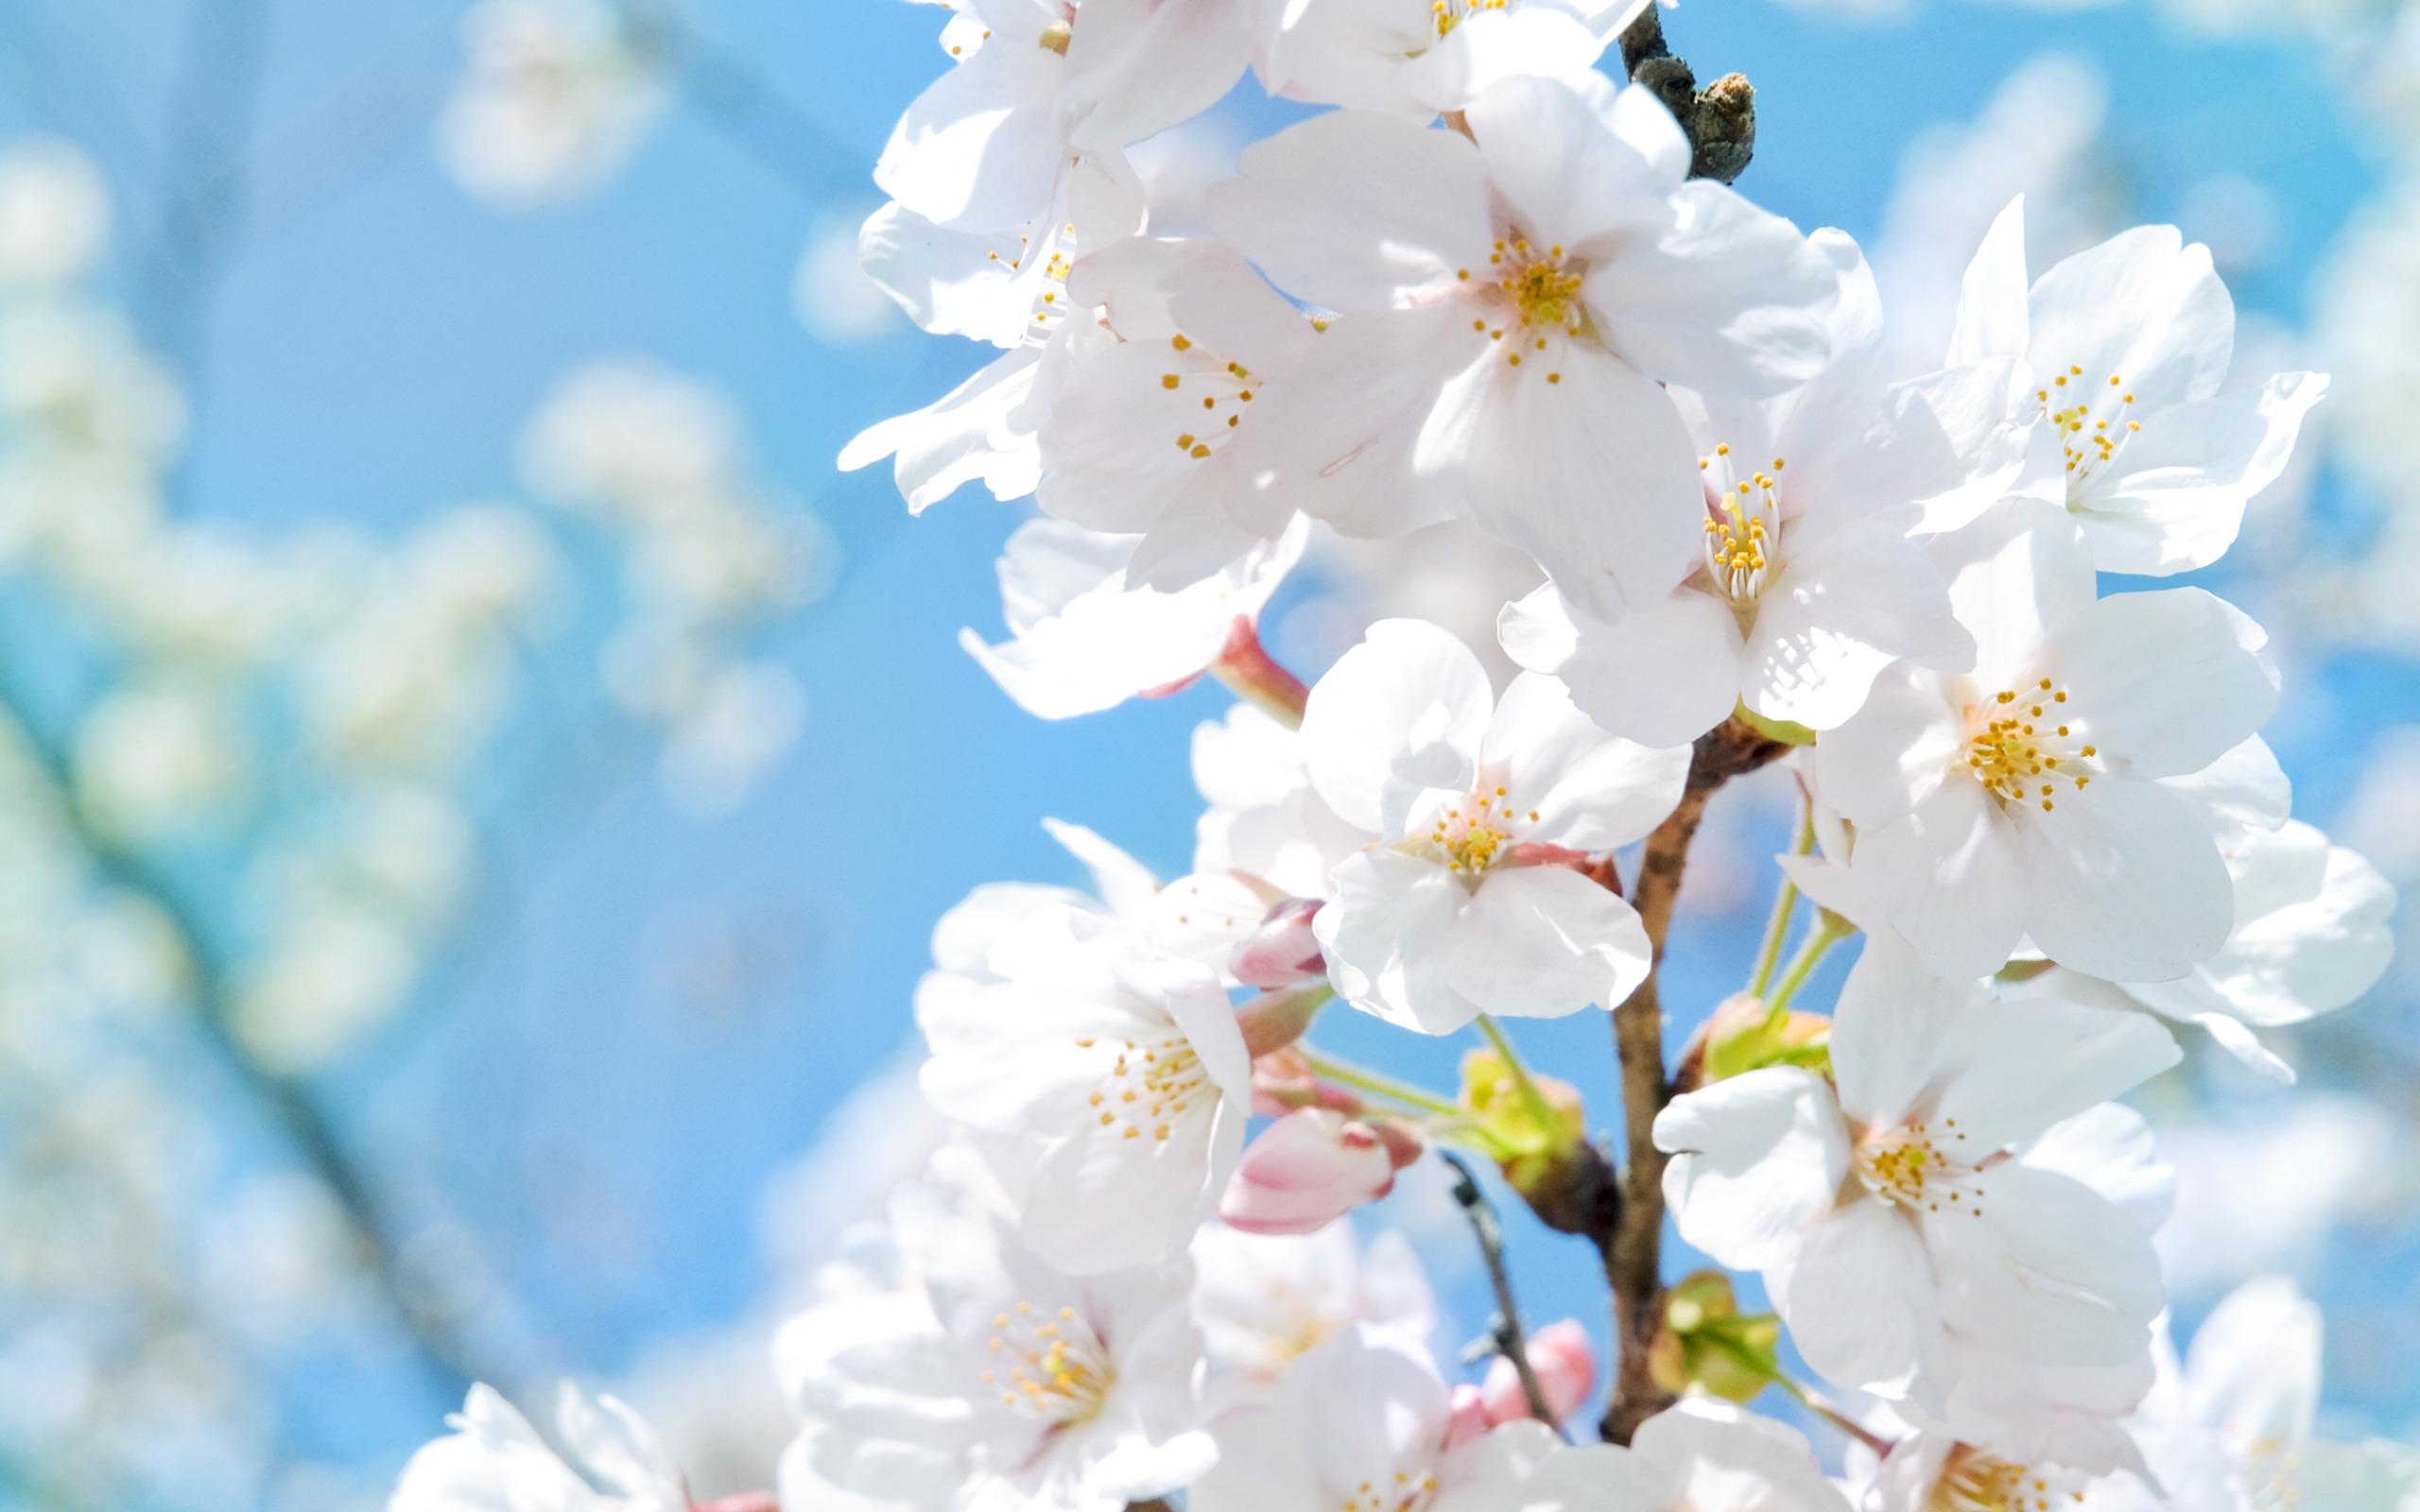 Поздровлениями день, картинки на телефон весна